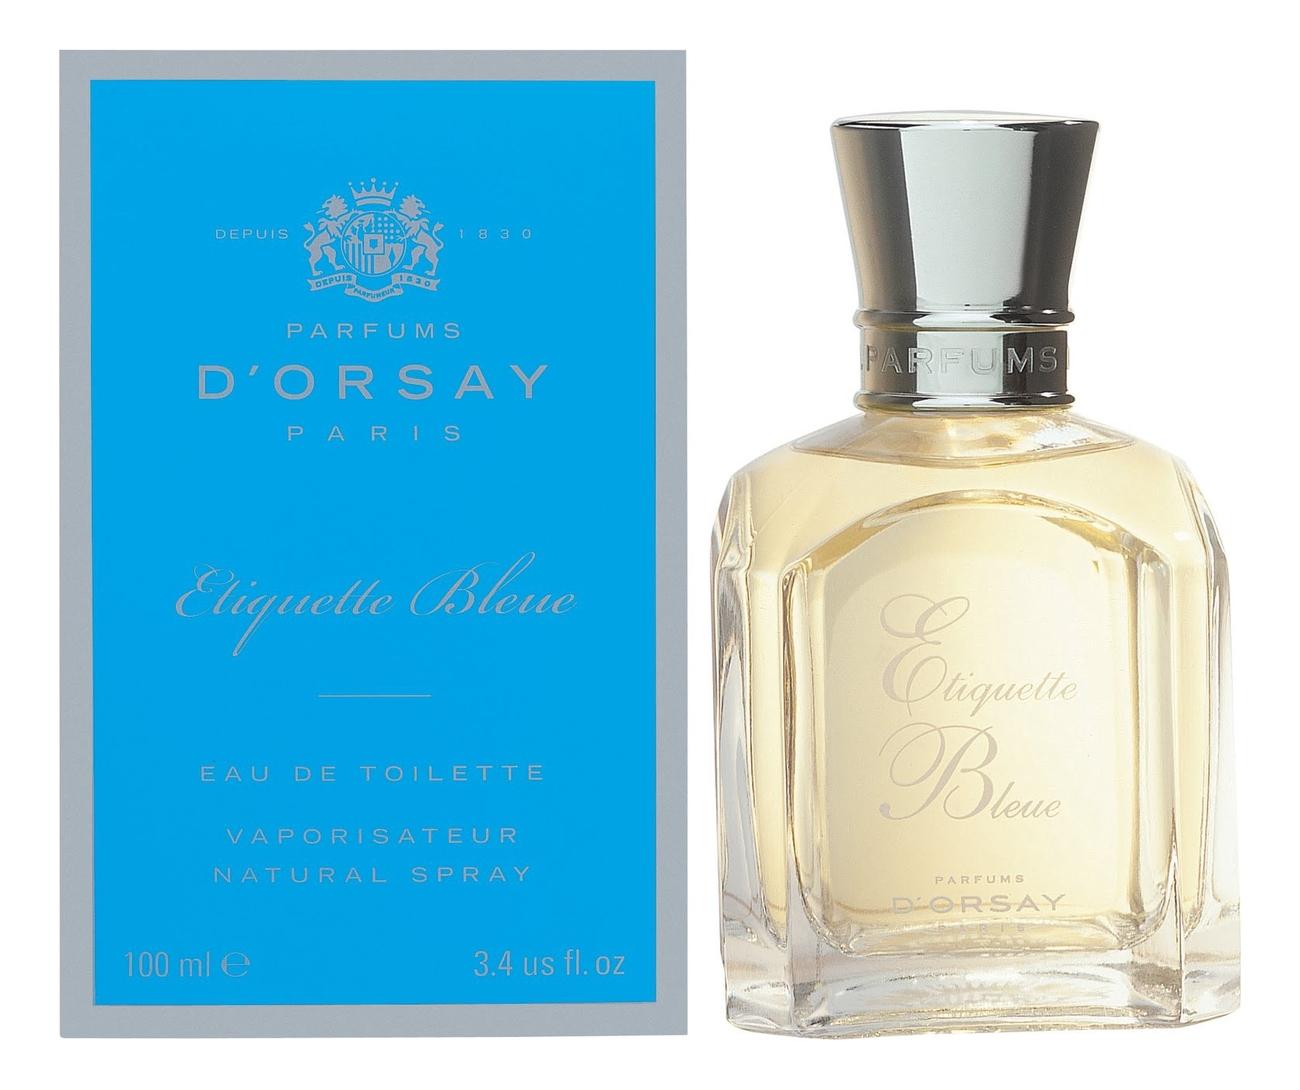 D'Orsay Etiquette Bleue: туалетная вода 100мл фото